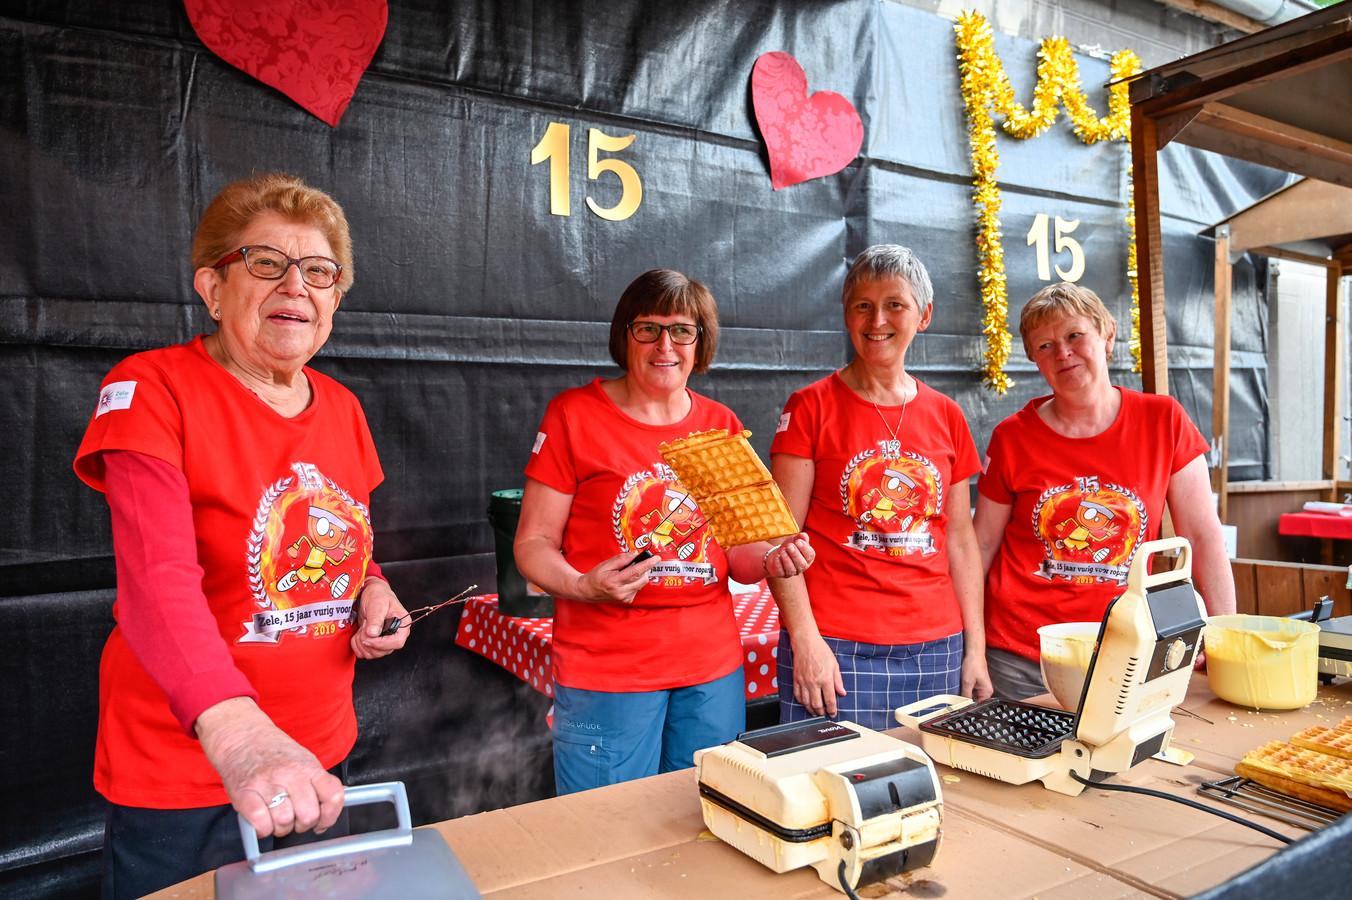 Maria De Wilde bakt samen met haar vriendinnen Marleen, Agnes en Monique 550 wafels.